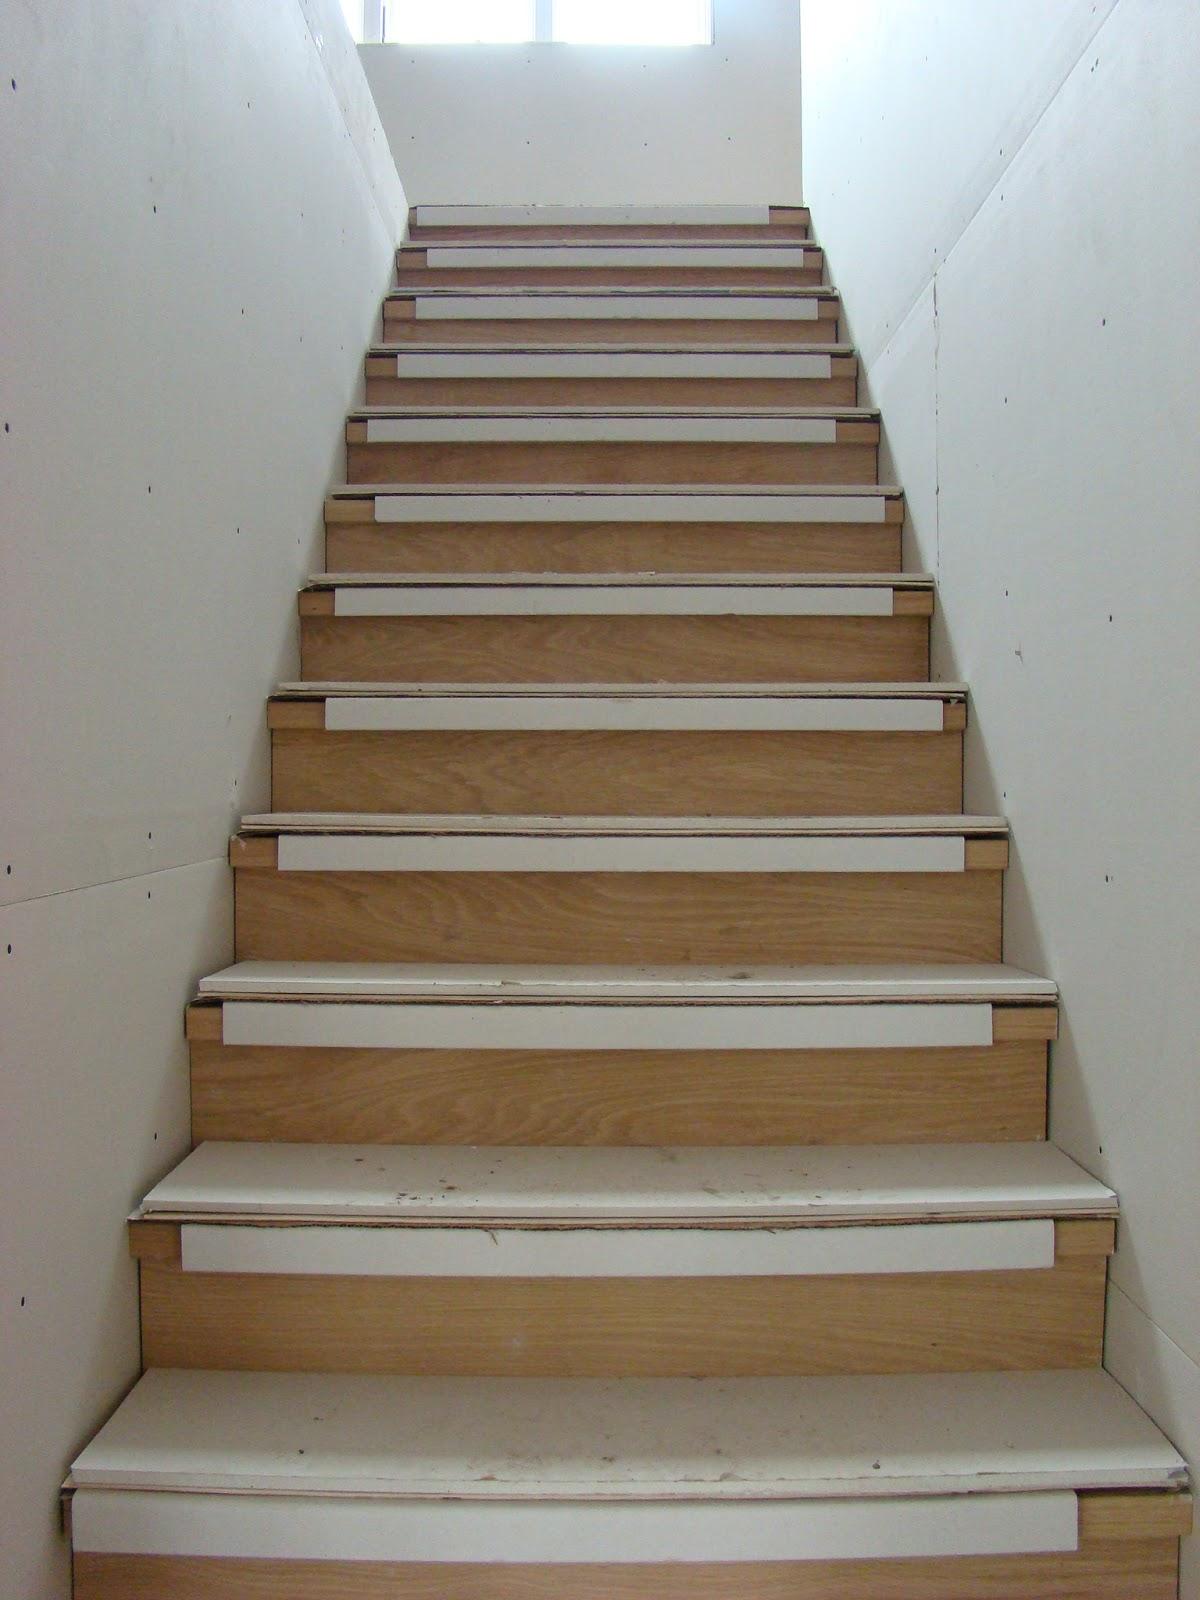 Building Walnut Farm: Stairs